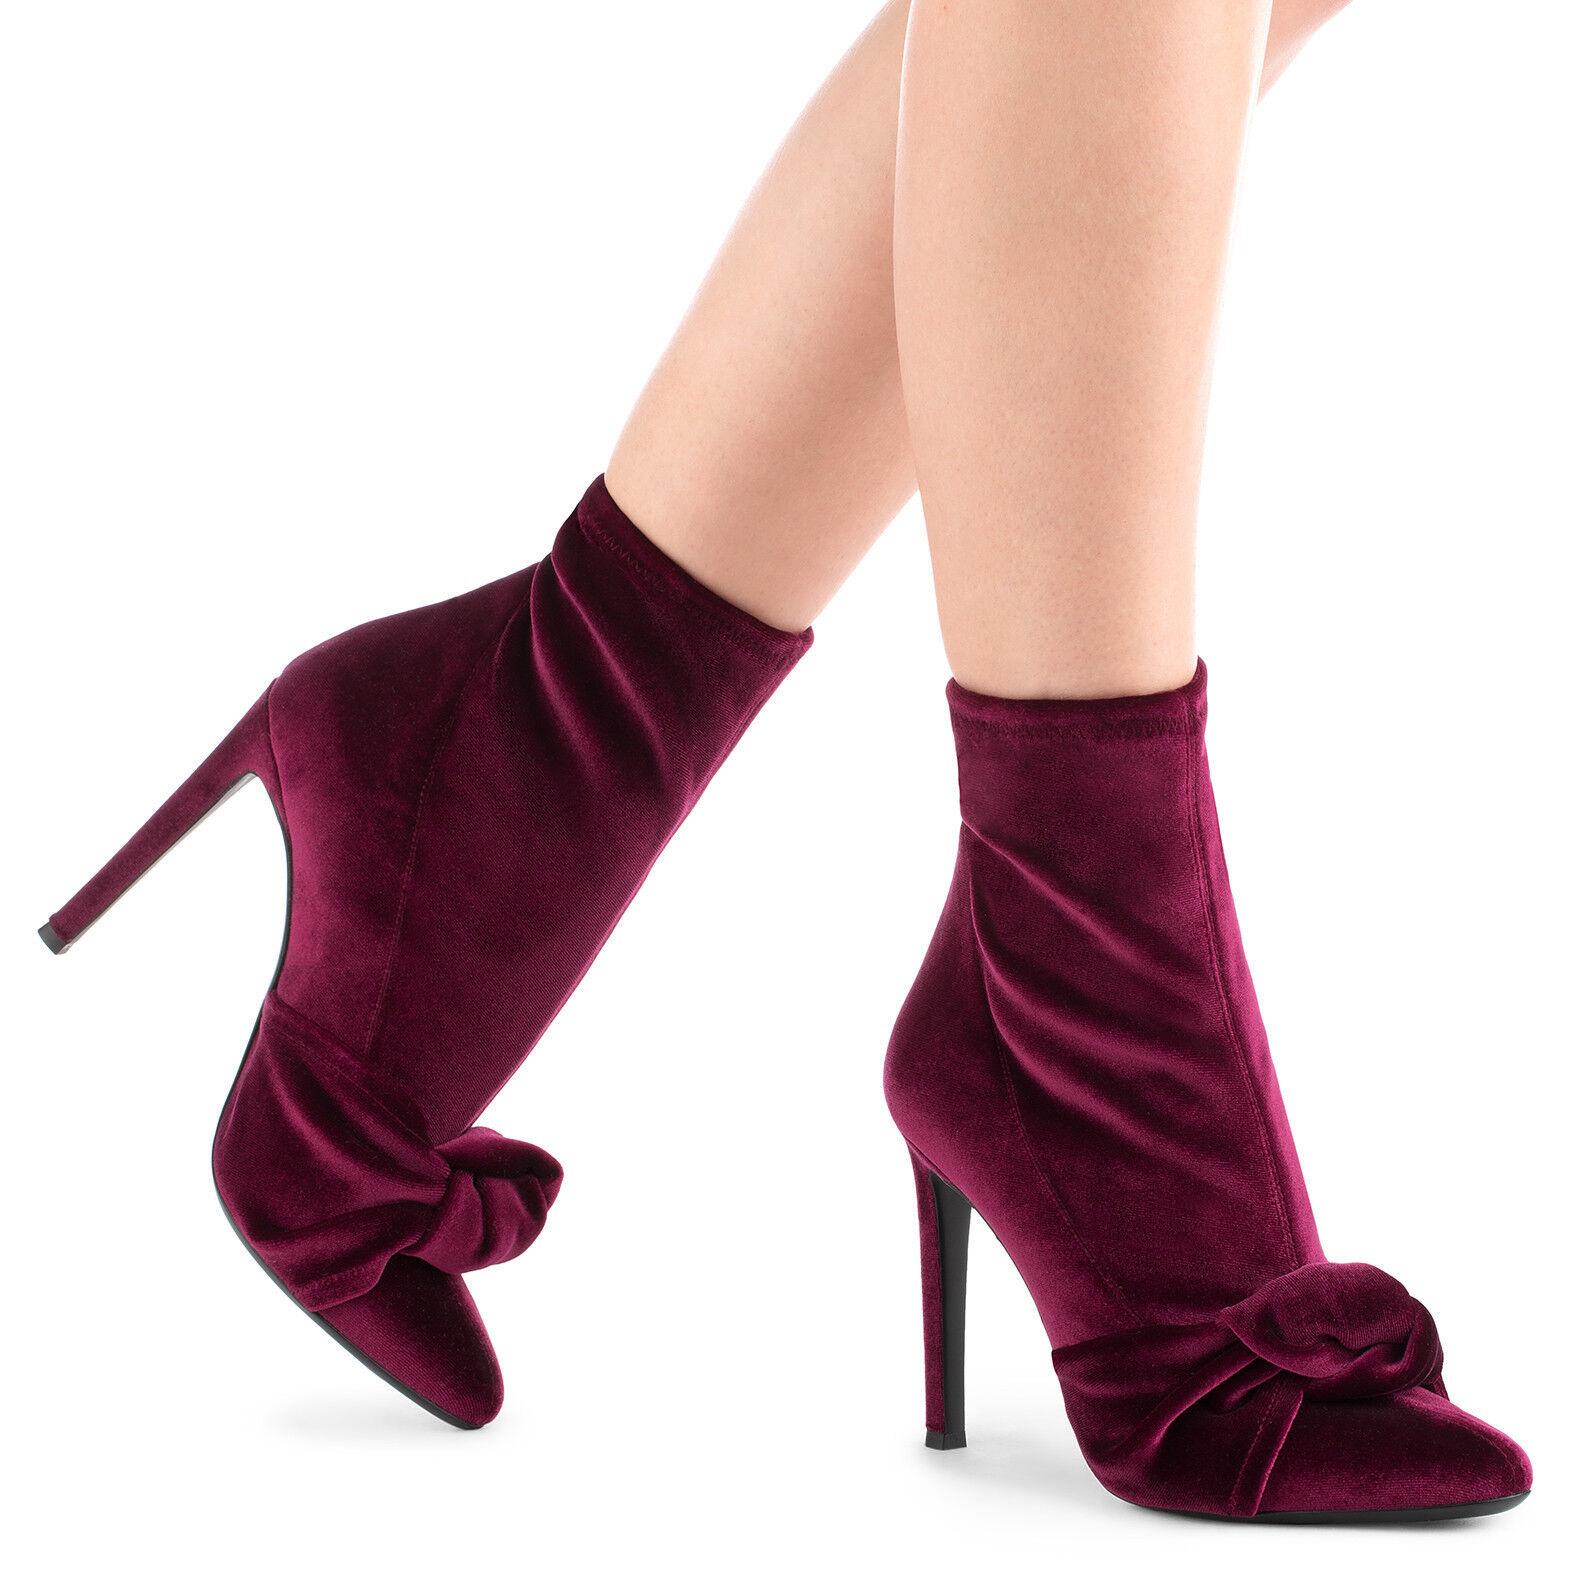 Kvinnor Stilettos Bow Pointed Toe Solid Mid Calf stövlar stövlar stövlar Mode Booslipss Plus Storlek  online outlet försäljning